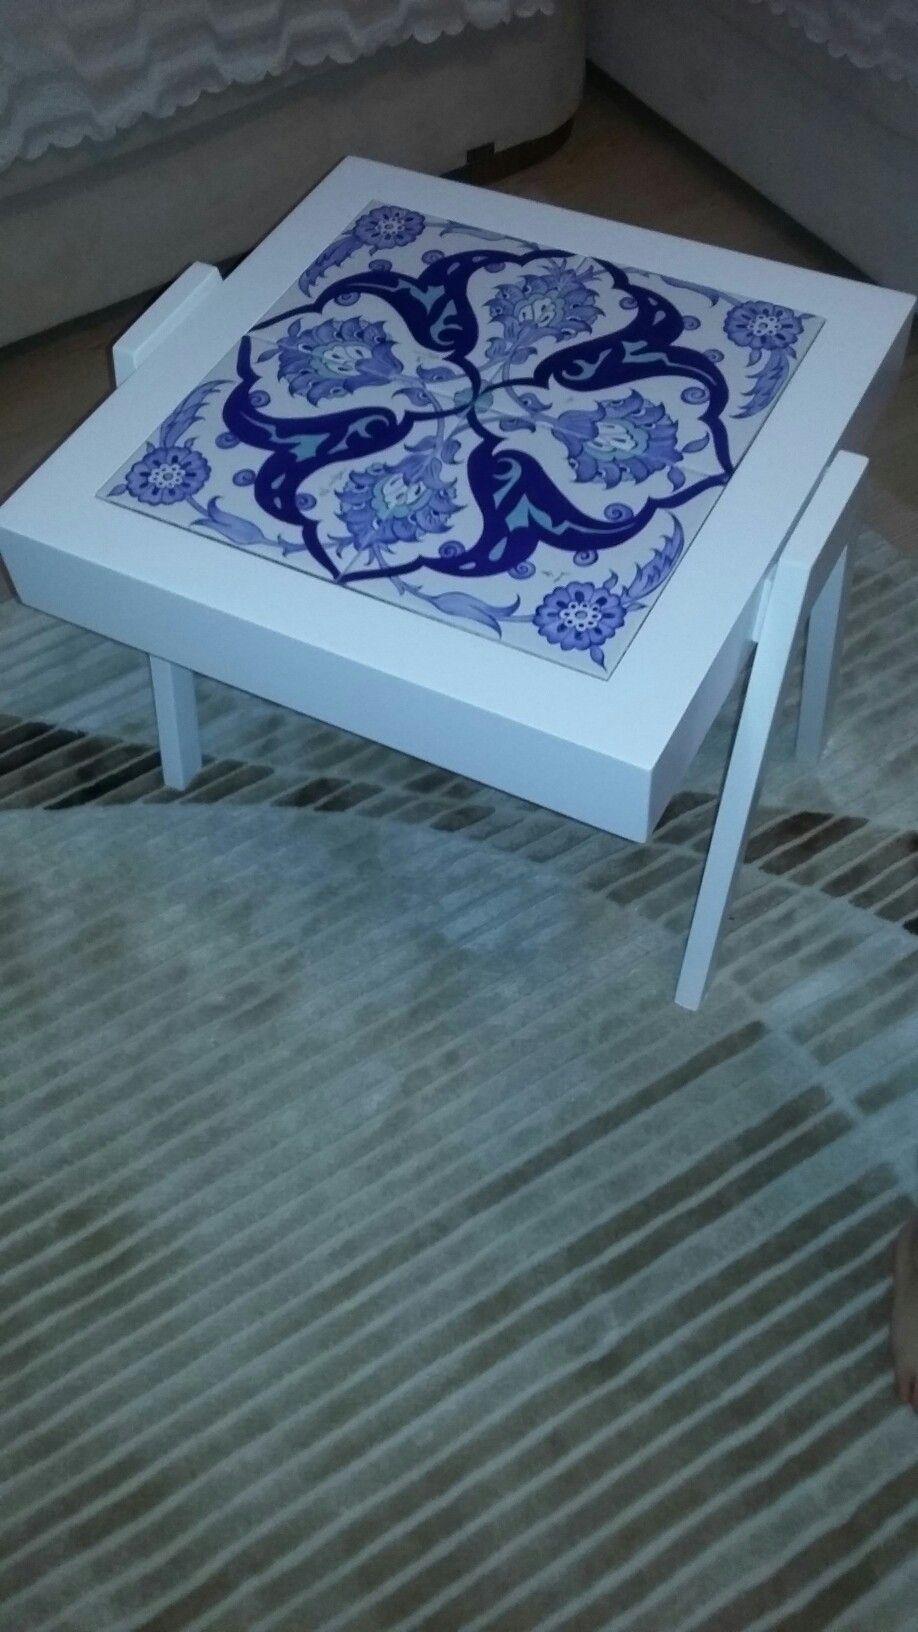 Keramik Malerei, Islamische Kunst, Blau Und Weiß, Fliesen, Mosaik,  Porzellan, Möbel, Bastelei